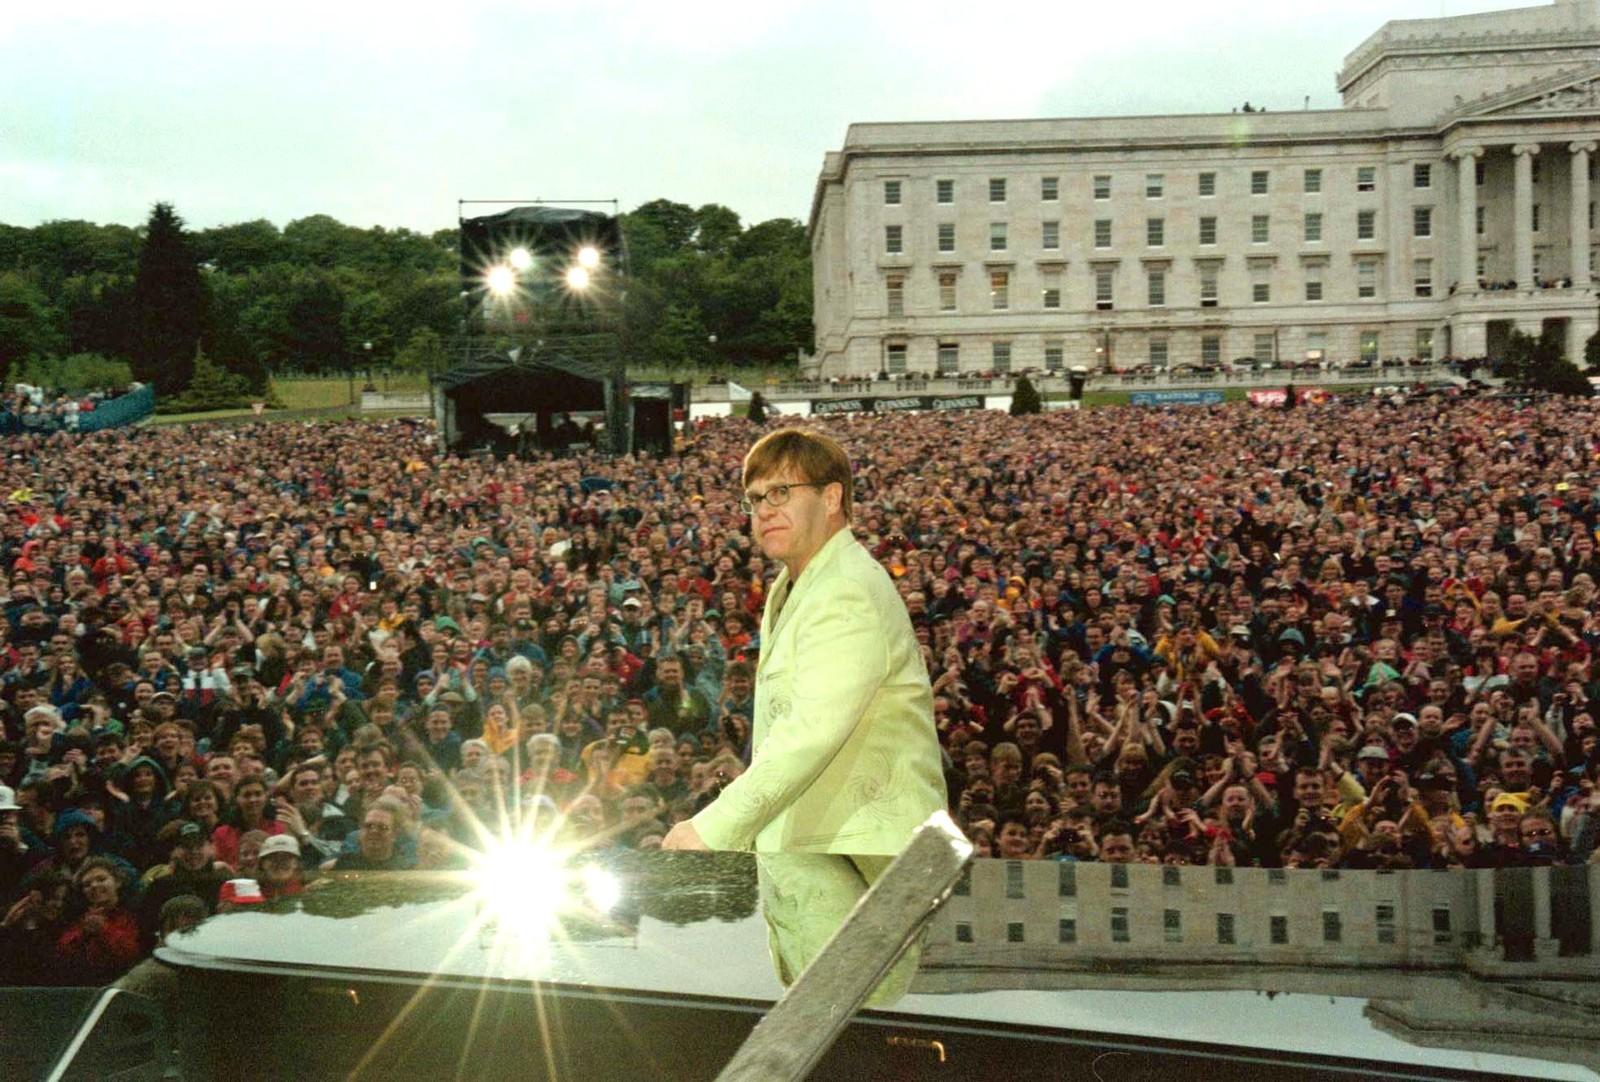 1998: I kjølvannet av fredsavtalen i Nord-Irland blei det arrangert ein serie feelgood-arrangement i Belfast. 15 000 fans omringa parlaments-bygningen då Elton John heldt konsert 27. mai. Fredsavtalen blei signert 10. april.